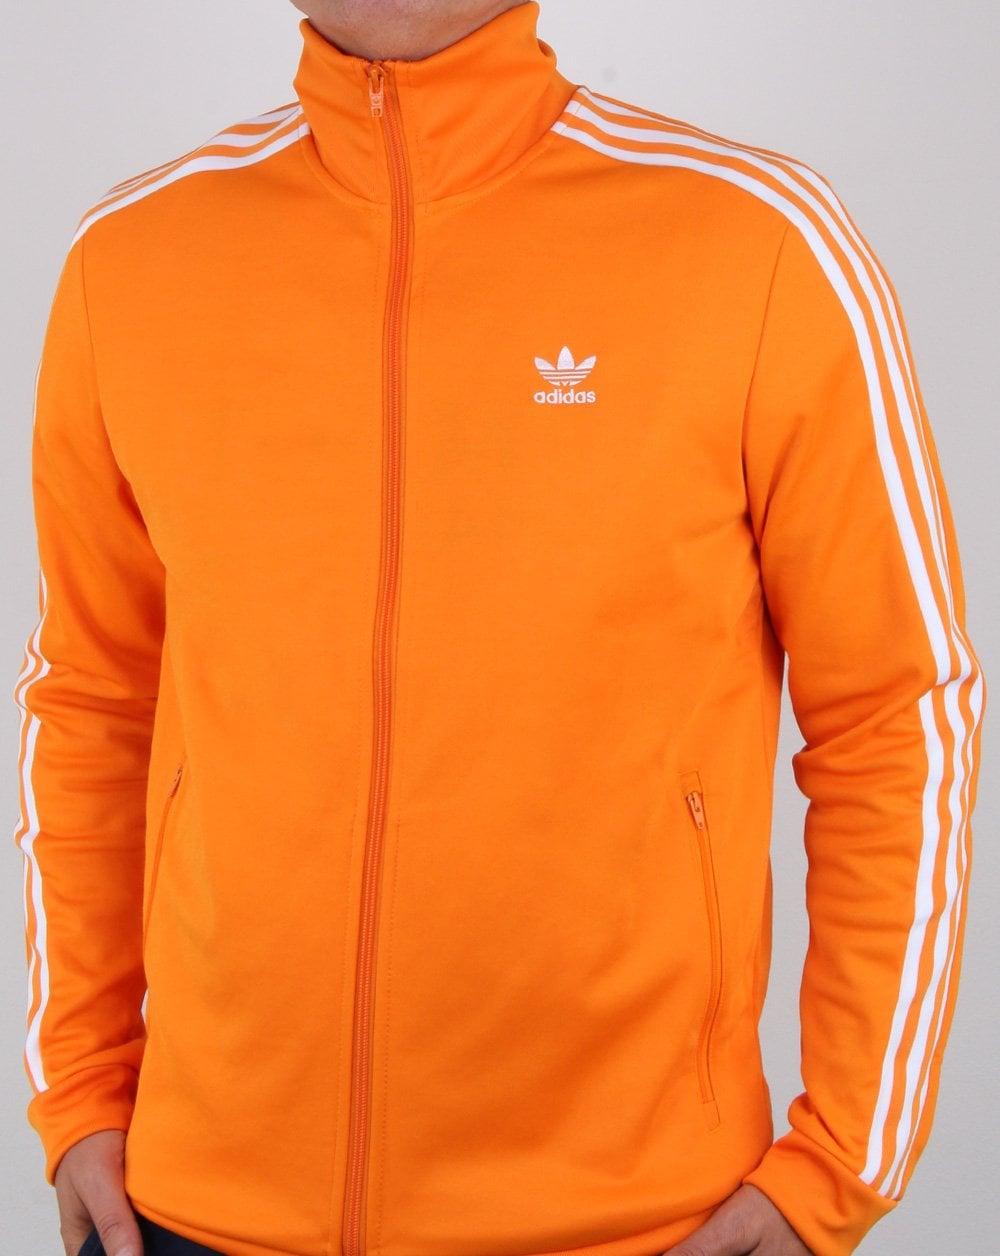 82d9d27c0ae Adidas Originals Beckenbauer Track Top Bright Orange,tracksuit,original